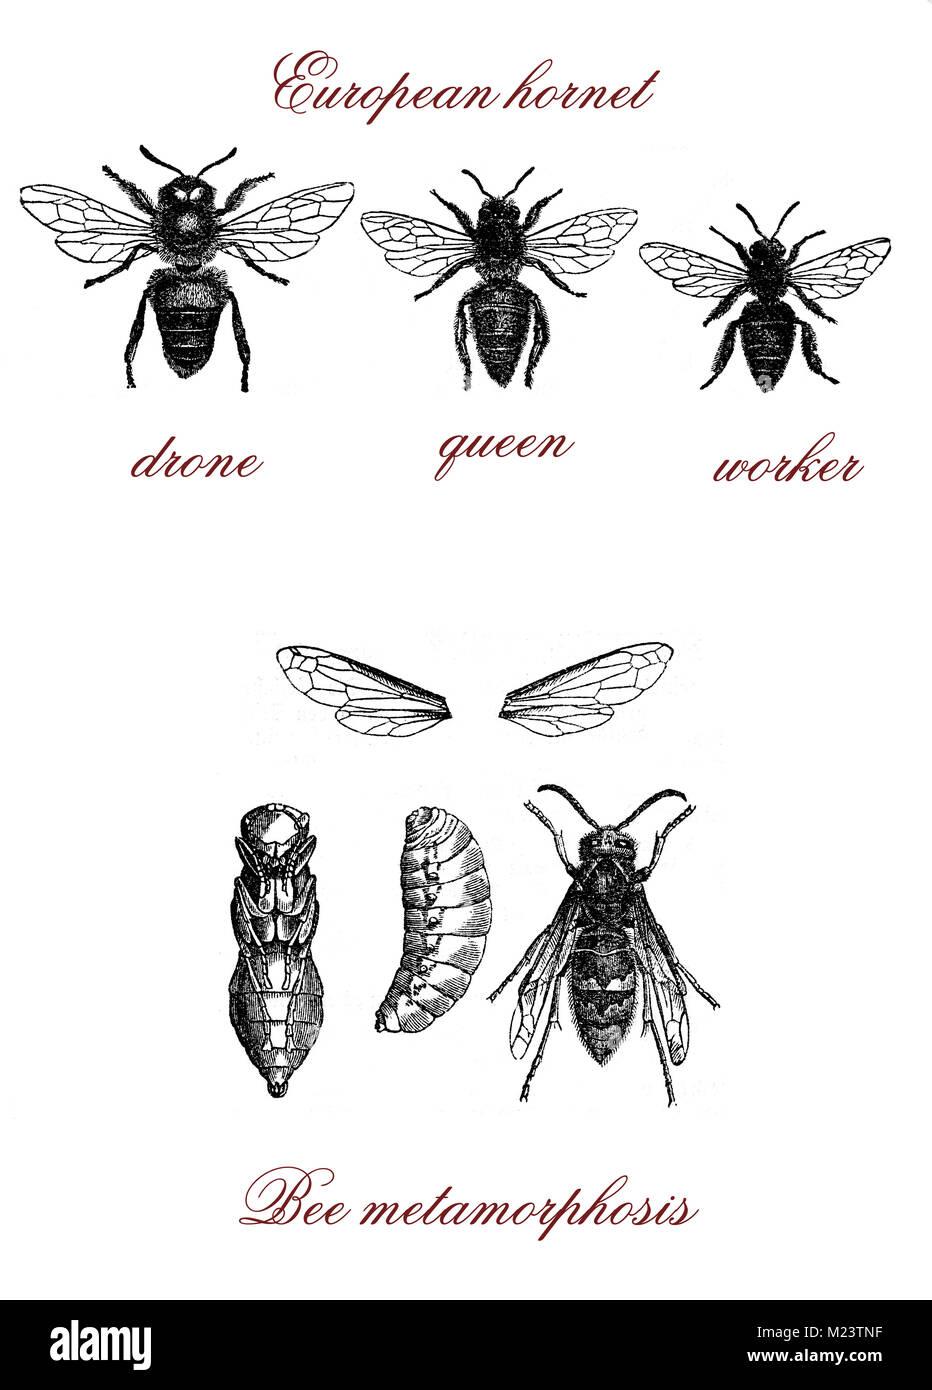 Bee, European hornet and bee metamorphosis, vintage engraving - Stock Image